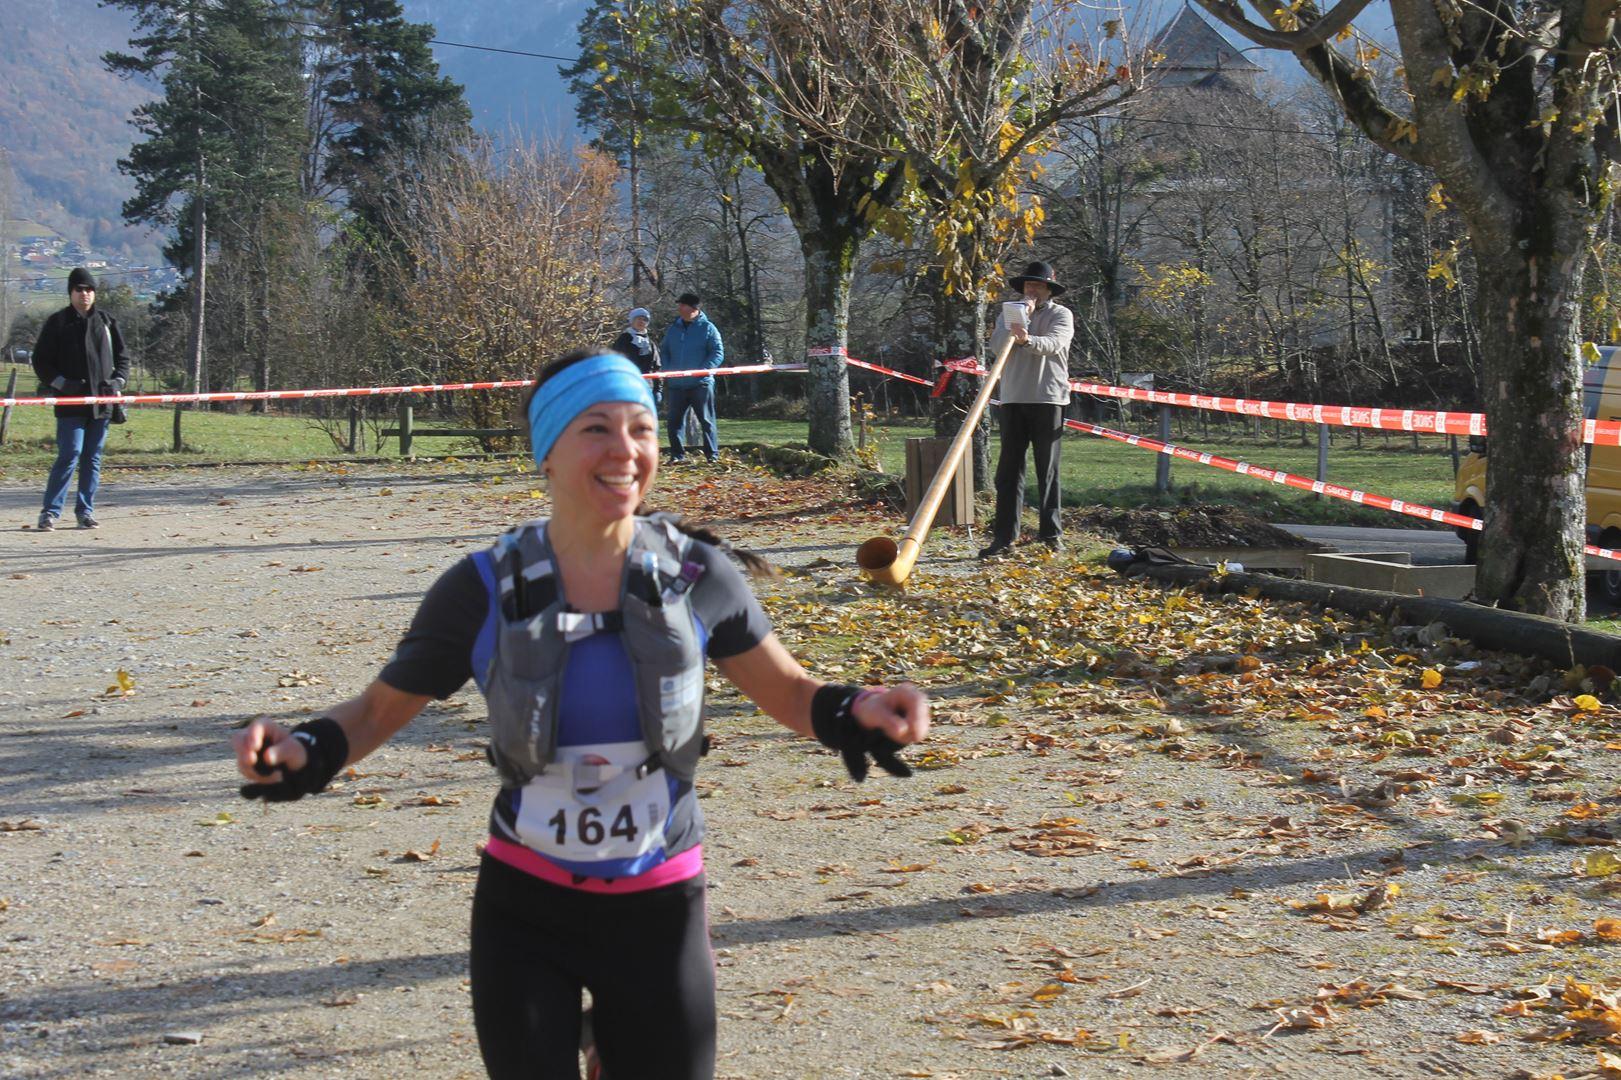 arrivée de la 3ème femme du 23km - RESULTATS ET COMPTE RENDU DE LA SANGERUN 26-11-2017 SAINT JEAN D'ARVEY (73)